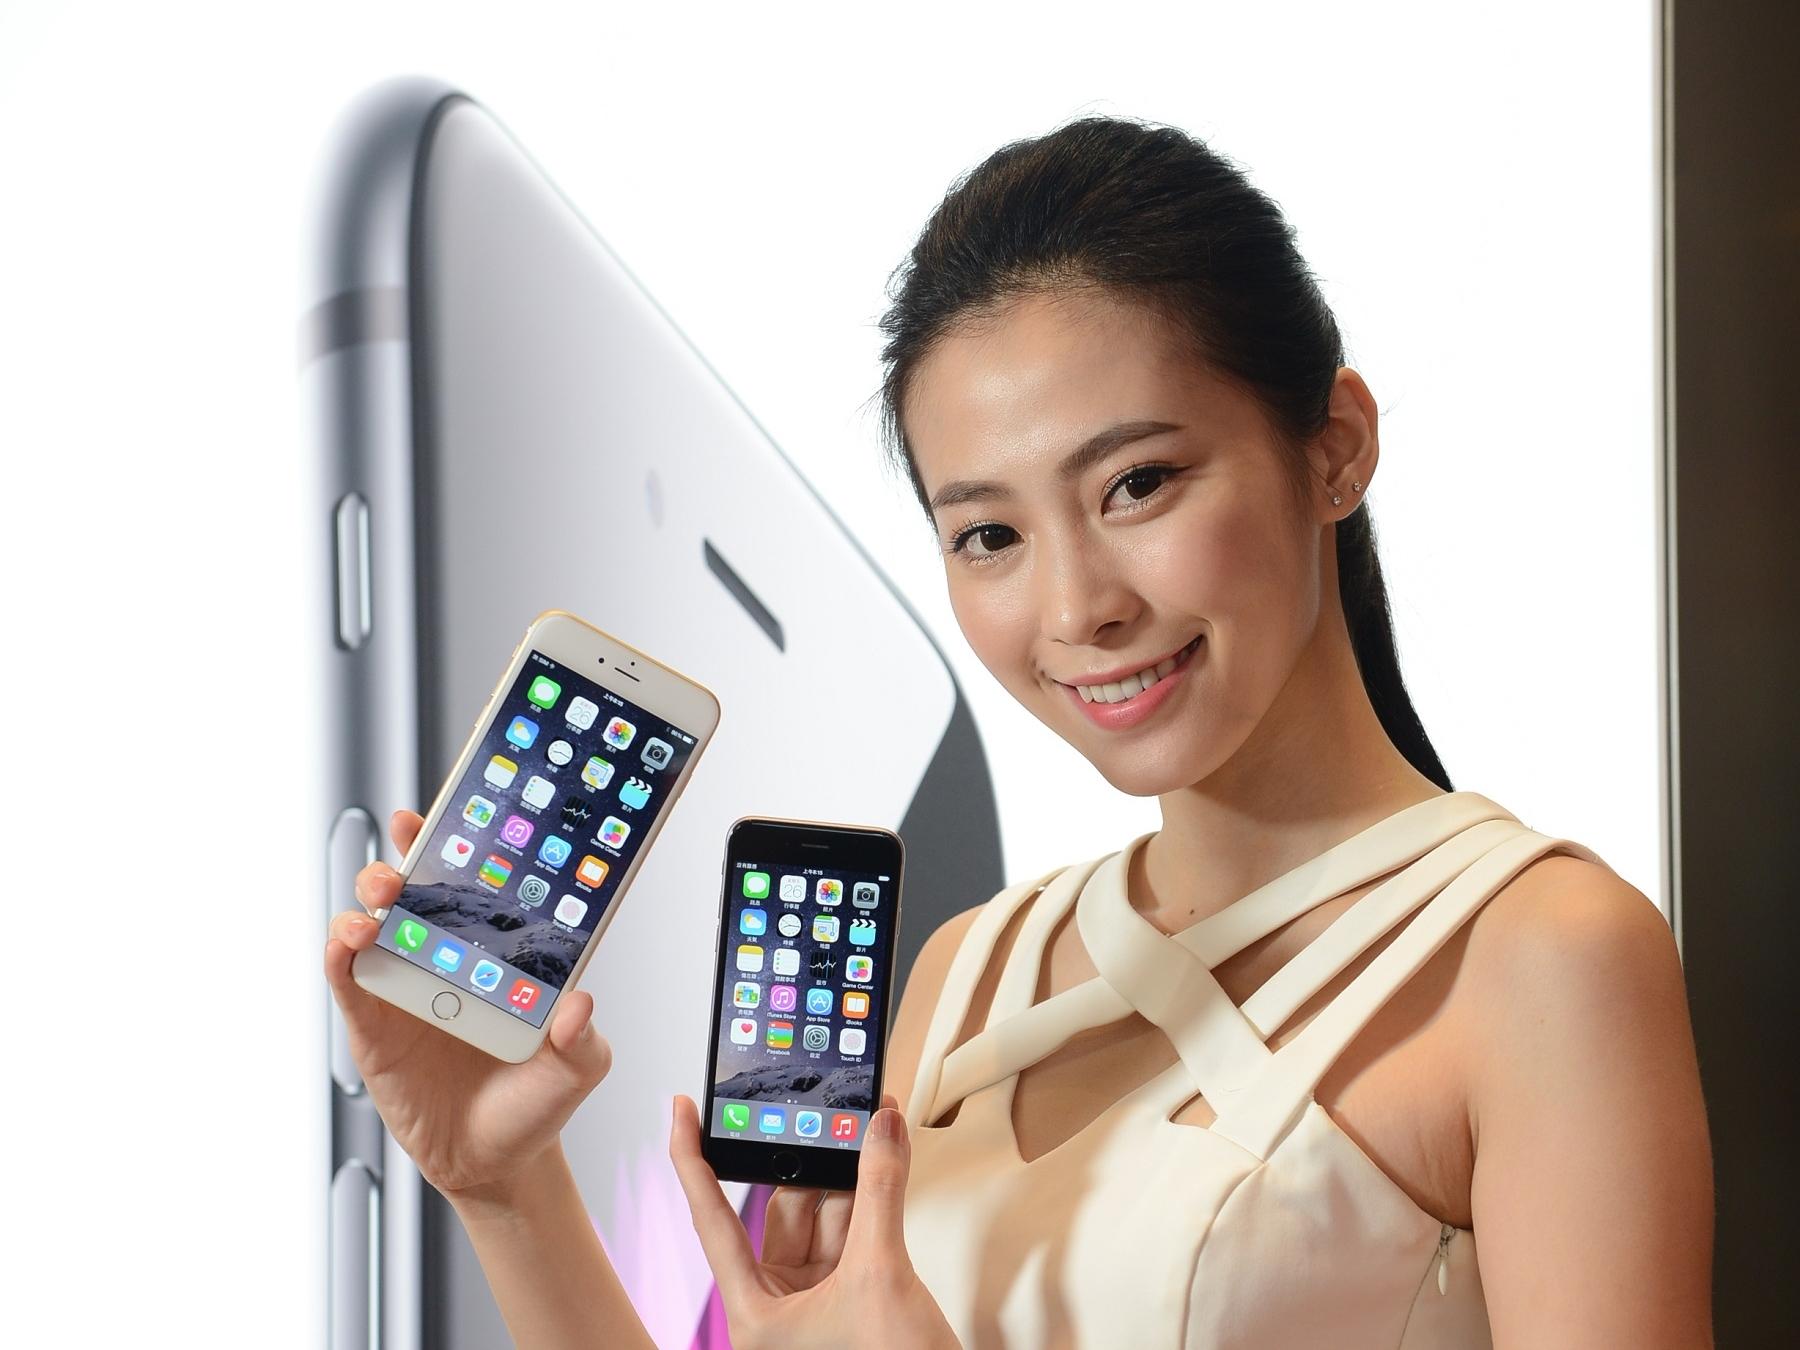 三大電信新年換機優惠整理(2/29 前),中華折 $3200、遠傳 iPhone 6 促銷、台哥大送行動電源 | T客邦